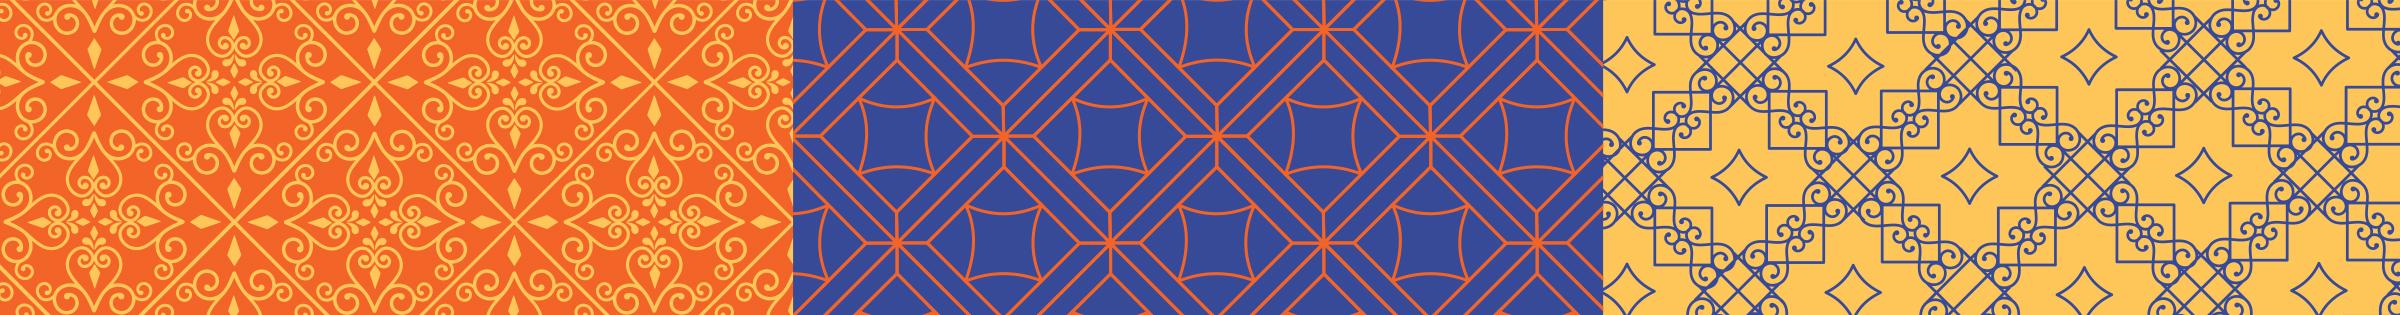 web 14.jpg